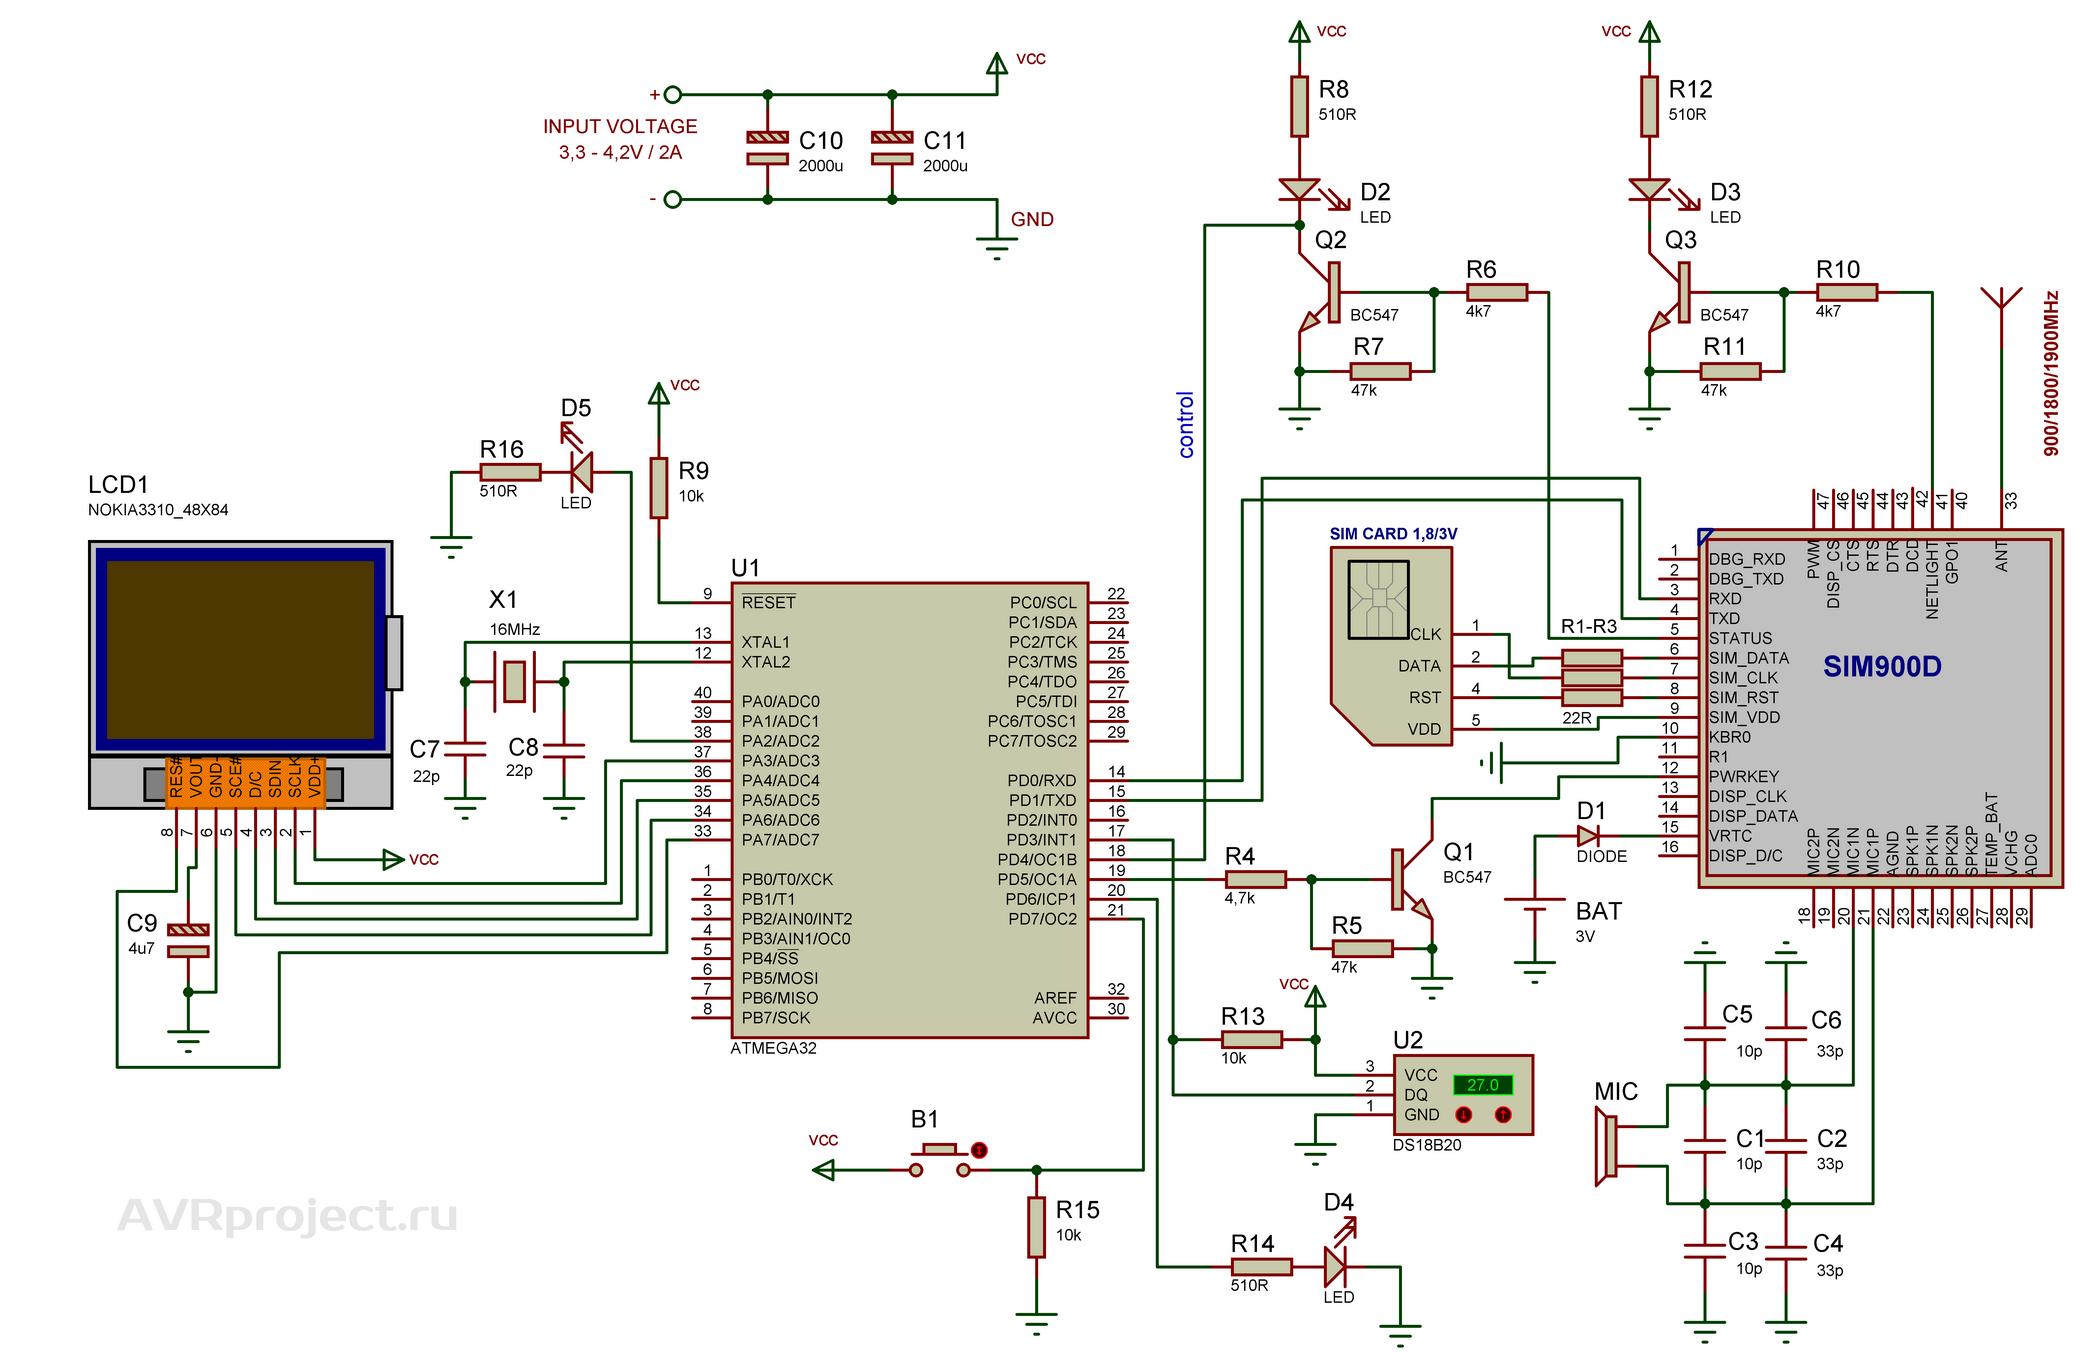 схема цифрового барометра на микроконтроллере atmega64